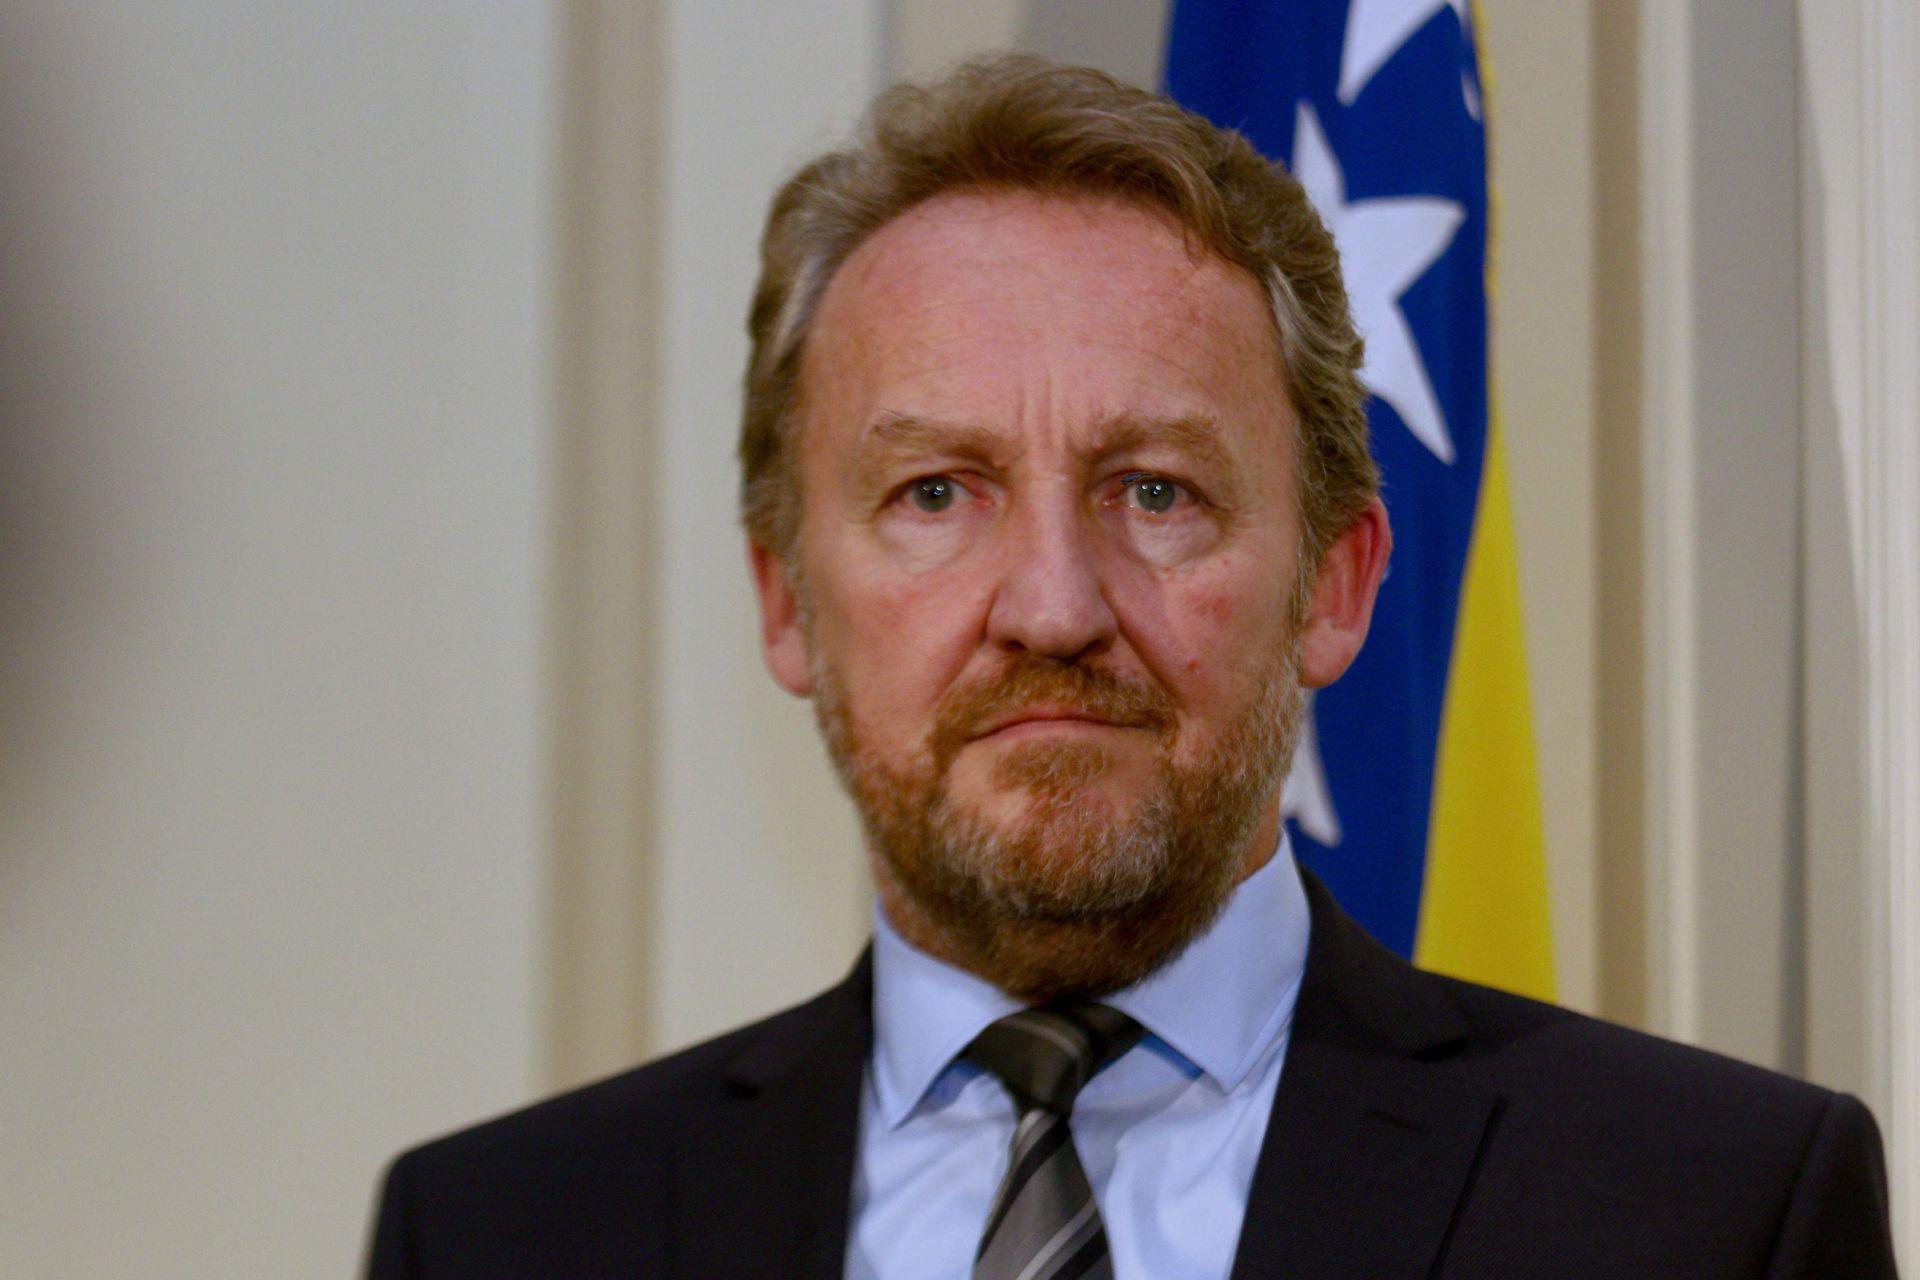 NAKON EKSKLUZIVE NACIONALA Član povjerenstva u BiH traži istragu o prisluškivanju hrvatskih dužnosnika